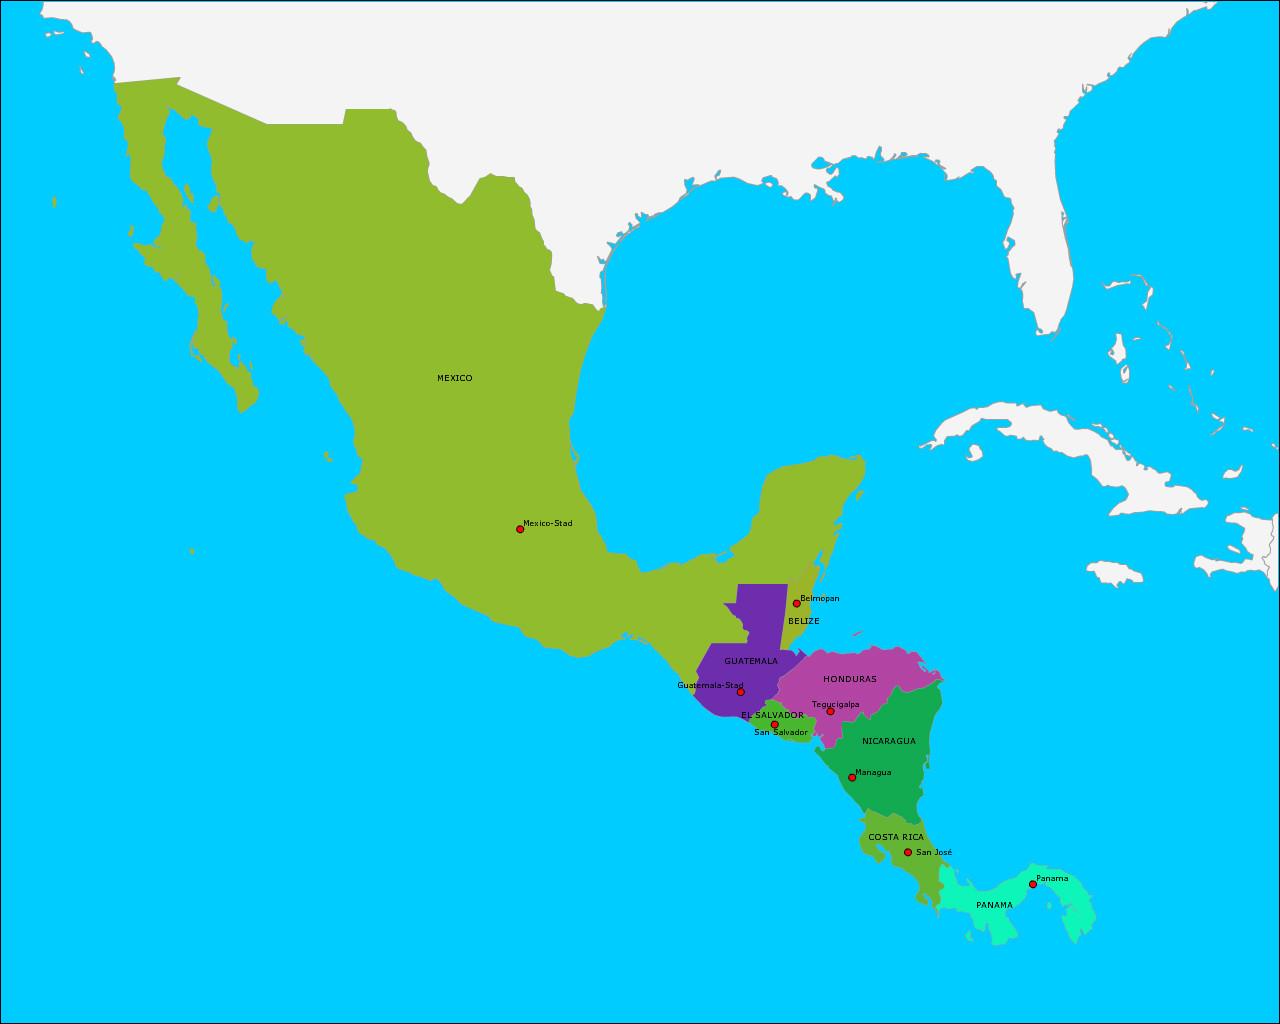 landen-en-hoofdsteden-van-centraal-amerika